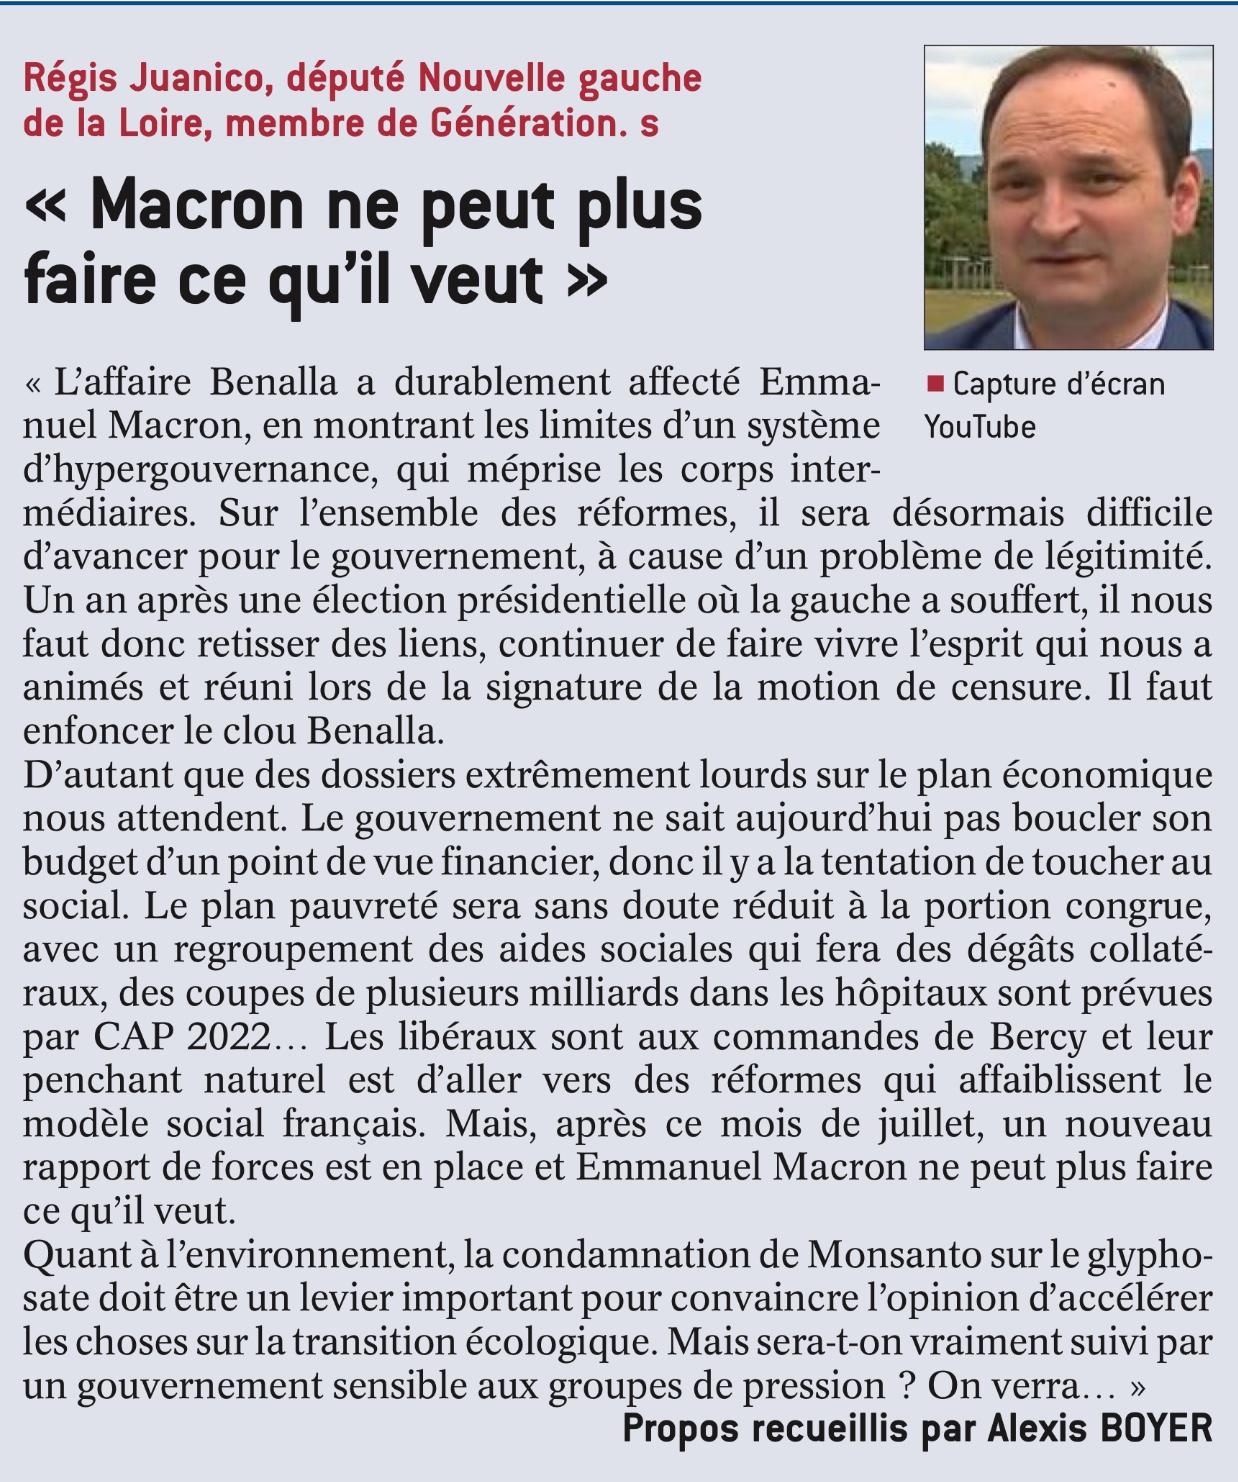 «Macron ne peut plus faire ce qu'il veut»